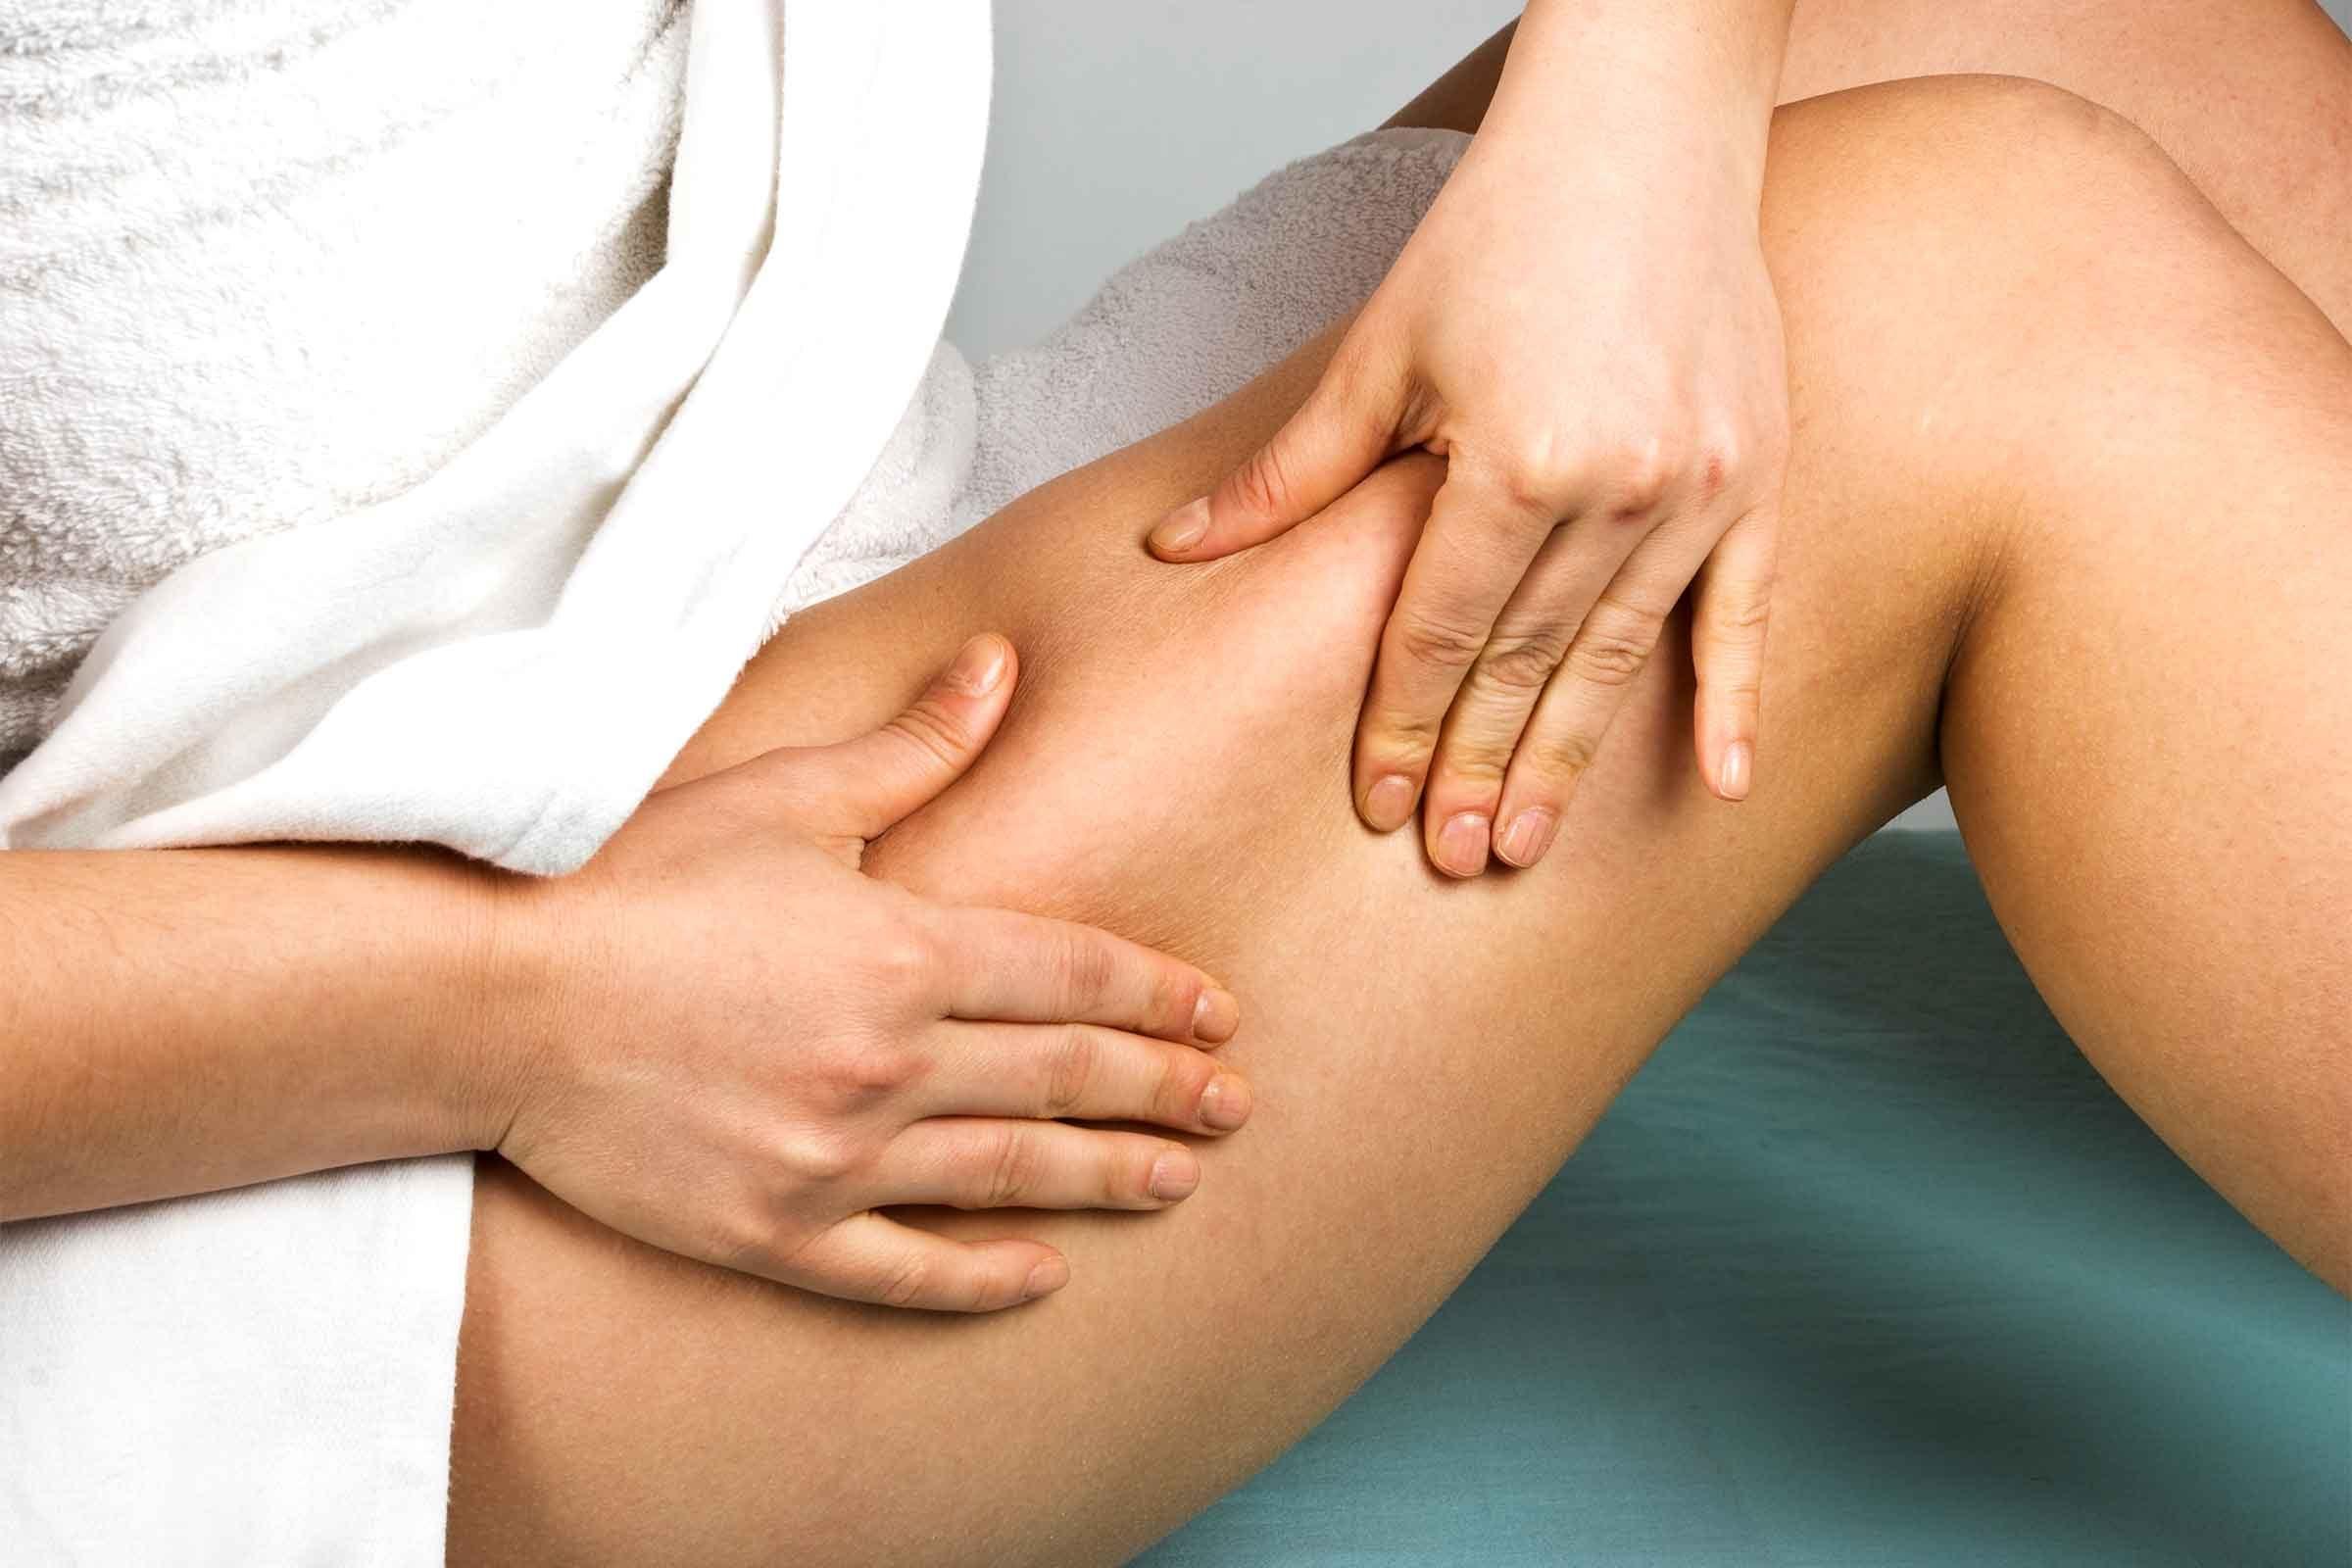 Woman looking at thigh